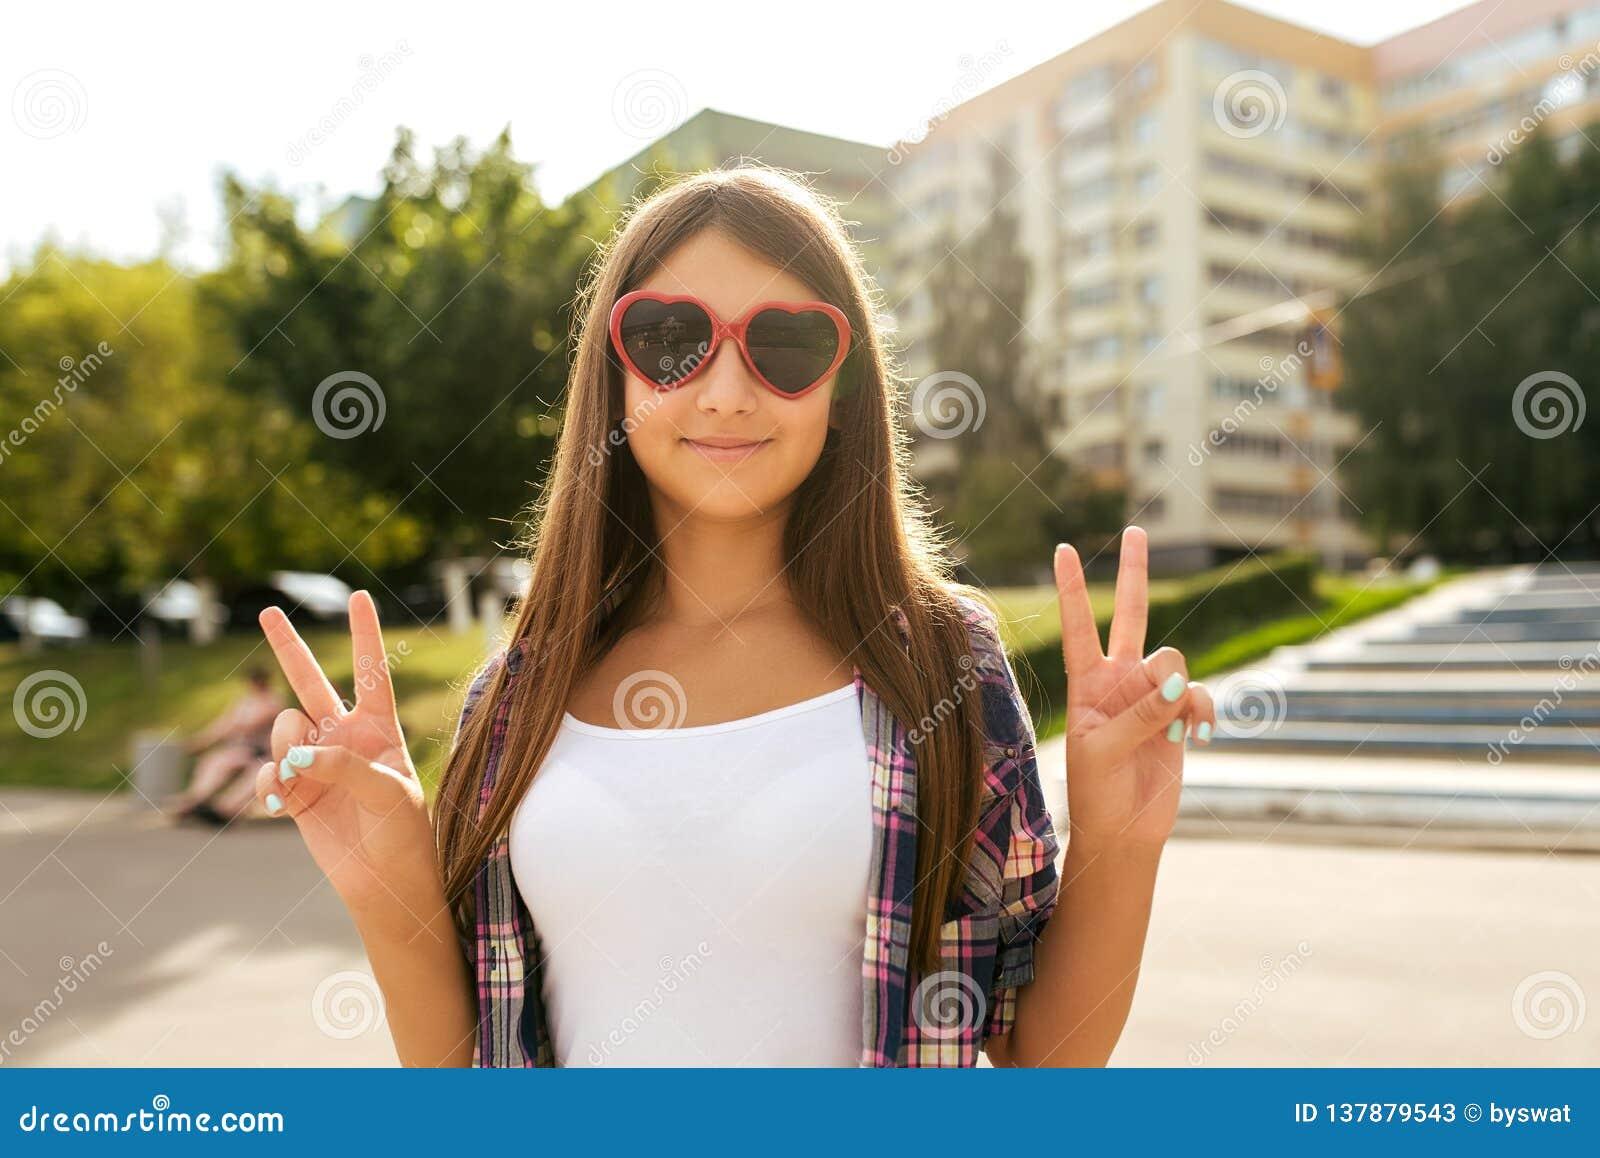 cdcf7ec8d14 Έφηβος 9-13 κοριτσιών χρονών, που στέκεται το καλοκαίρι στο πάρκο πόλεων,  νίκη χειρονομίας χεριών γειά σου Το καλοκαίρι, ευτυχή χαμόγελα Η έννοια της  ...